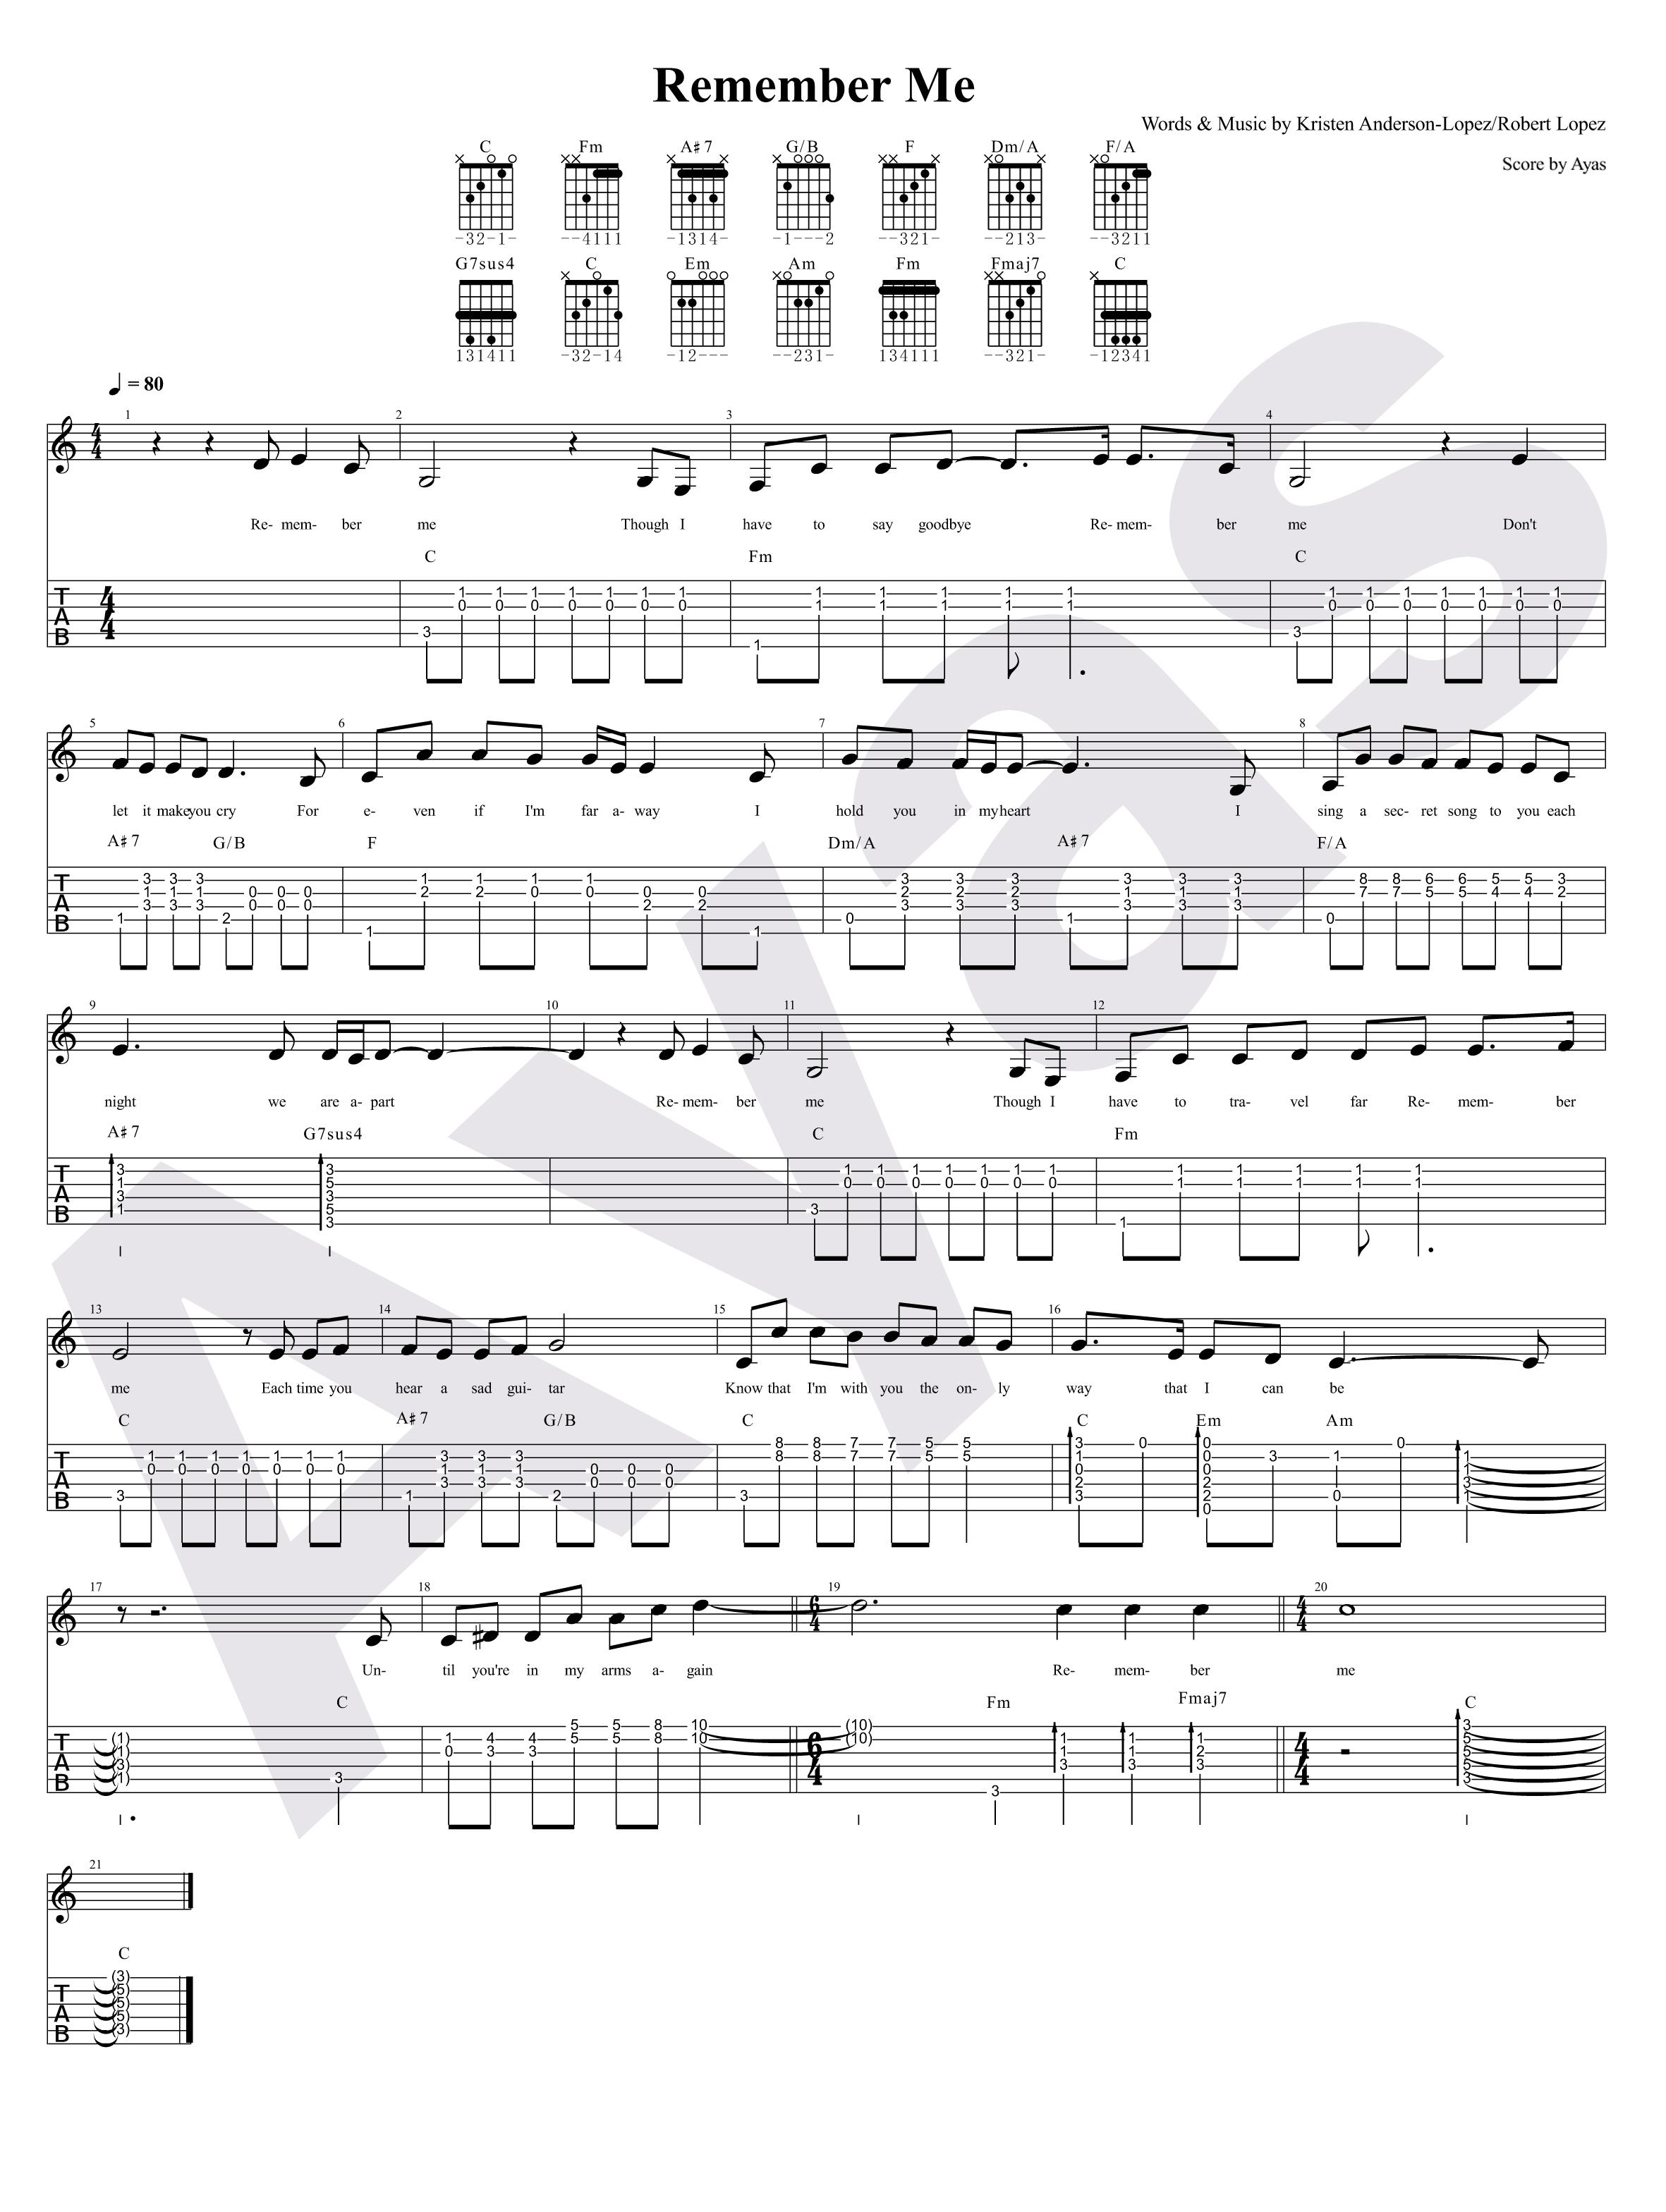 环游记 歌曲 Remember Me 的吉他和所想